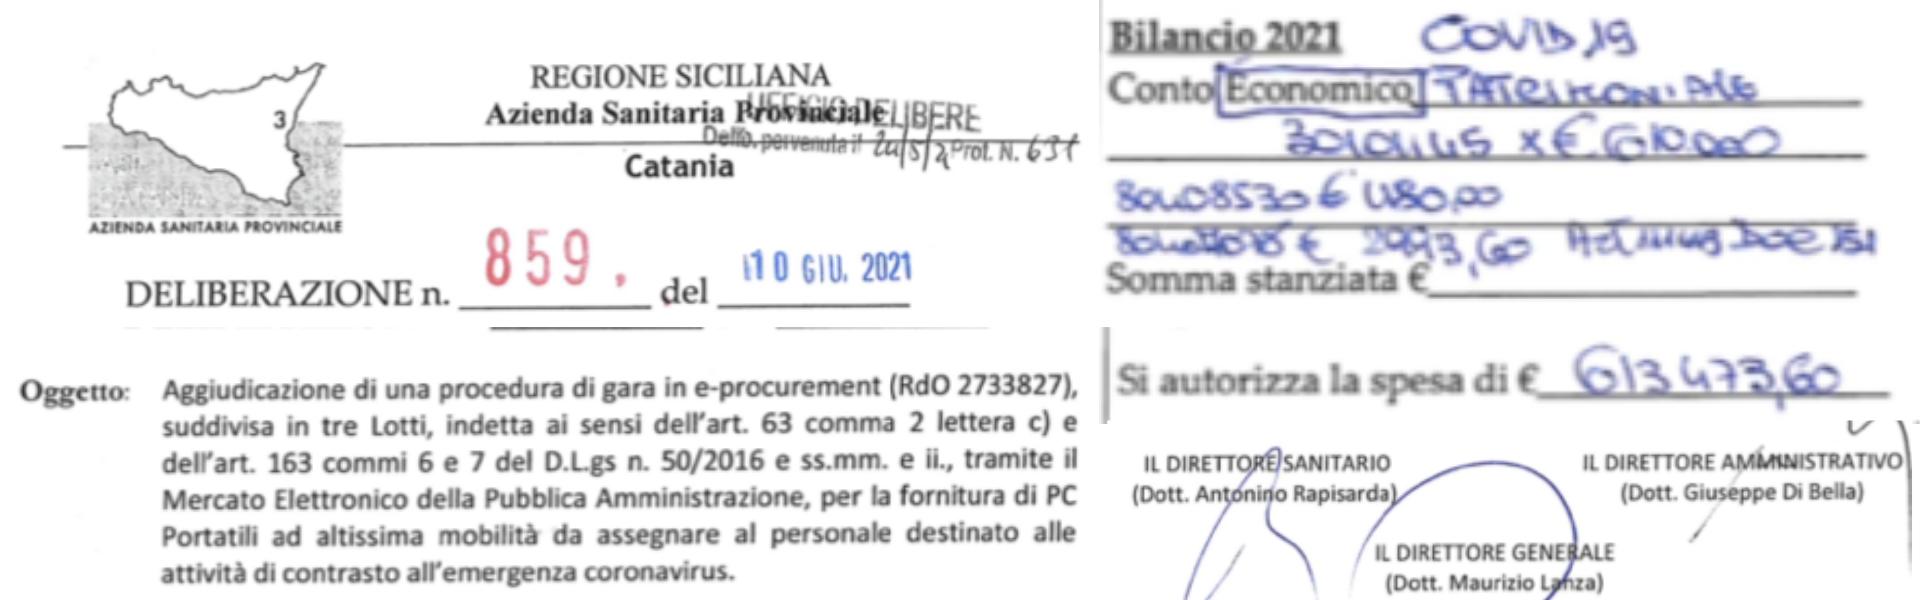 pcaltissimaportabilita-1623730793.png